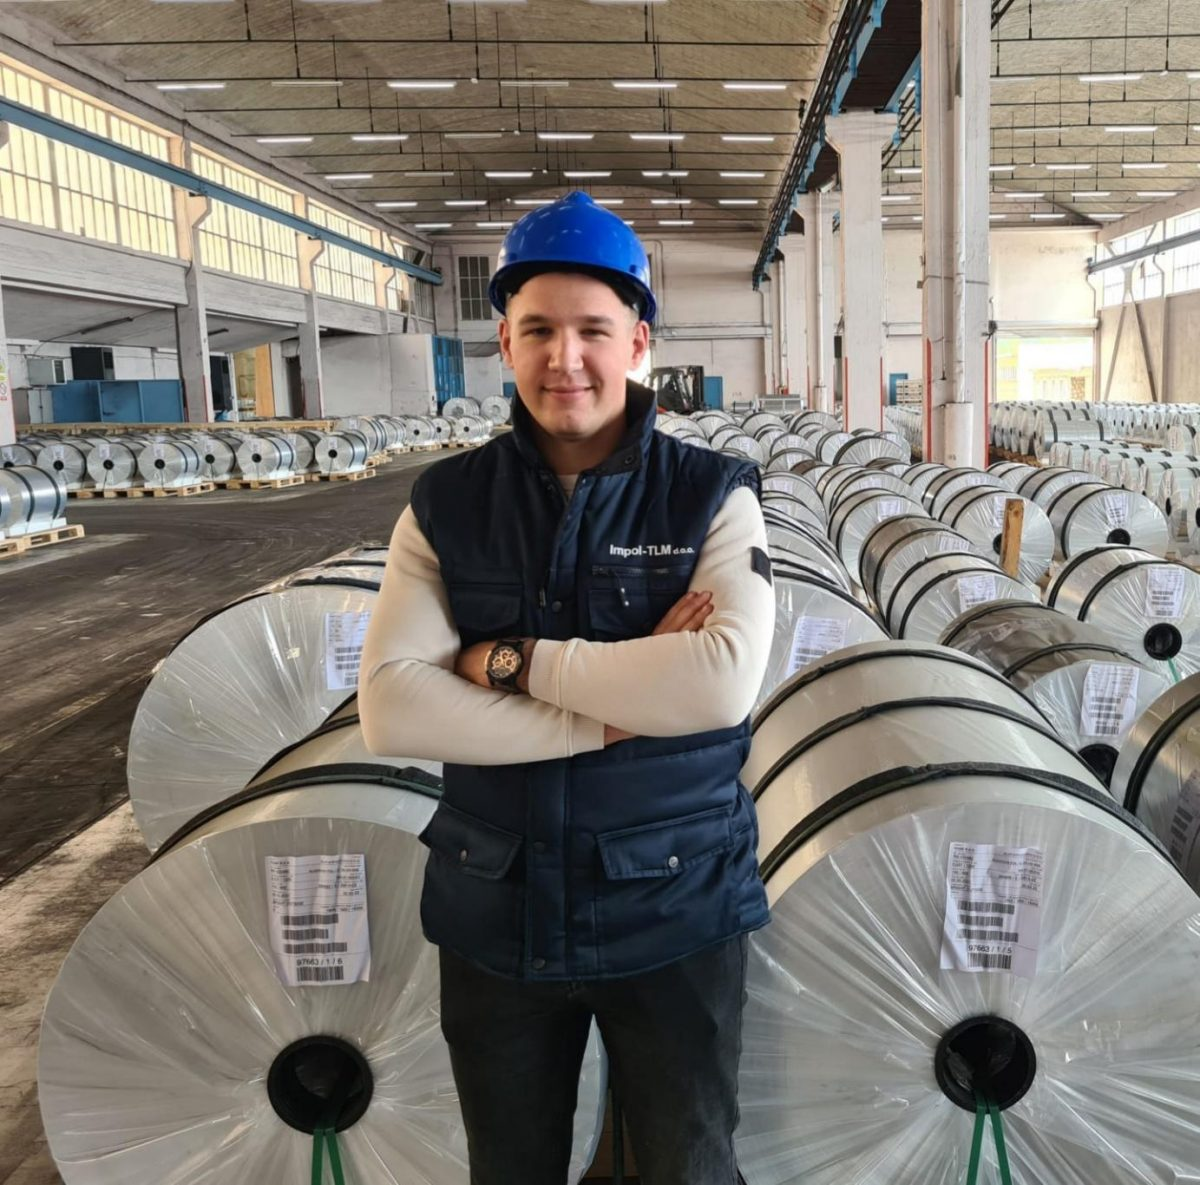 Impol-TLM/ Marin Vukosav, procesni inženjer koji je iz Ploča došao raditi u Šibenik: Nakon samo par mjeseci u Impol-TLM-u, dobio sam ugovor za bolje radno mjesto!